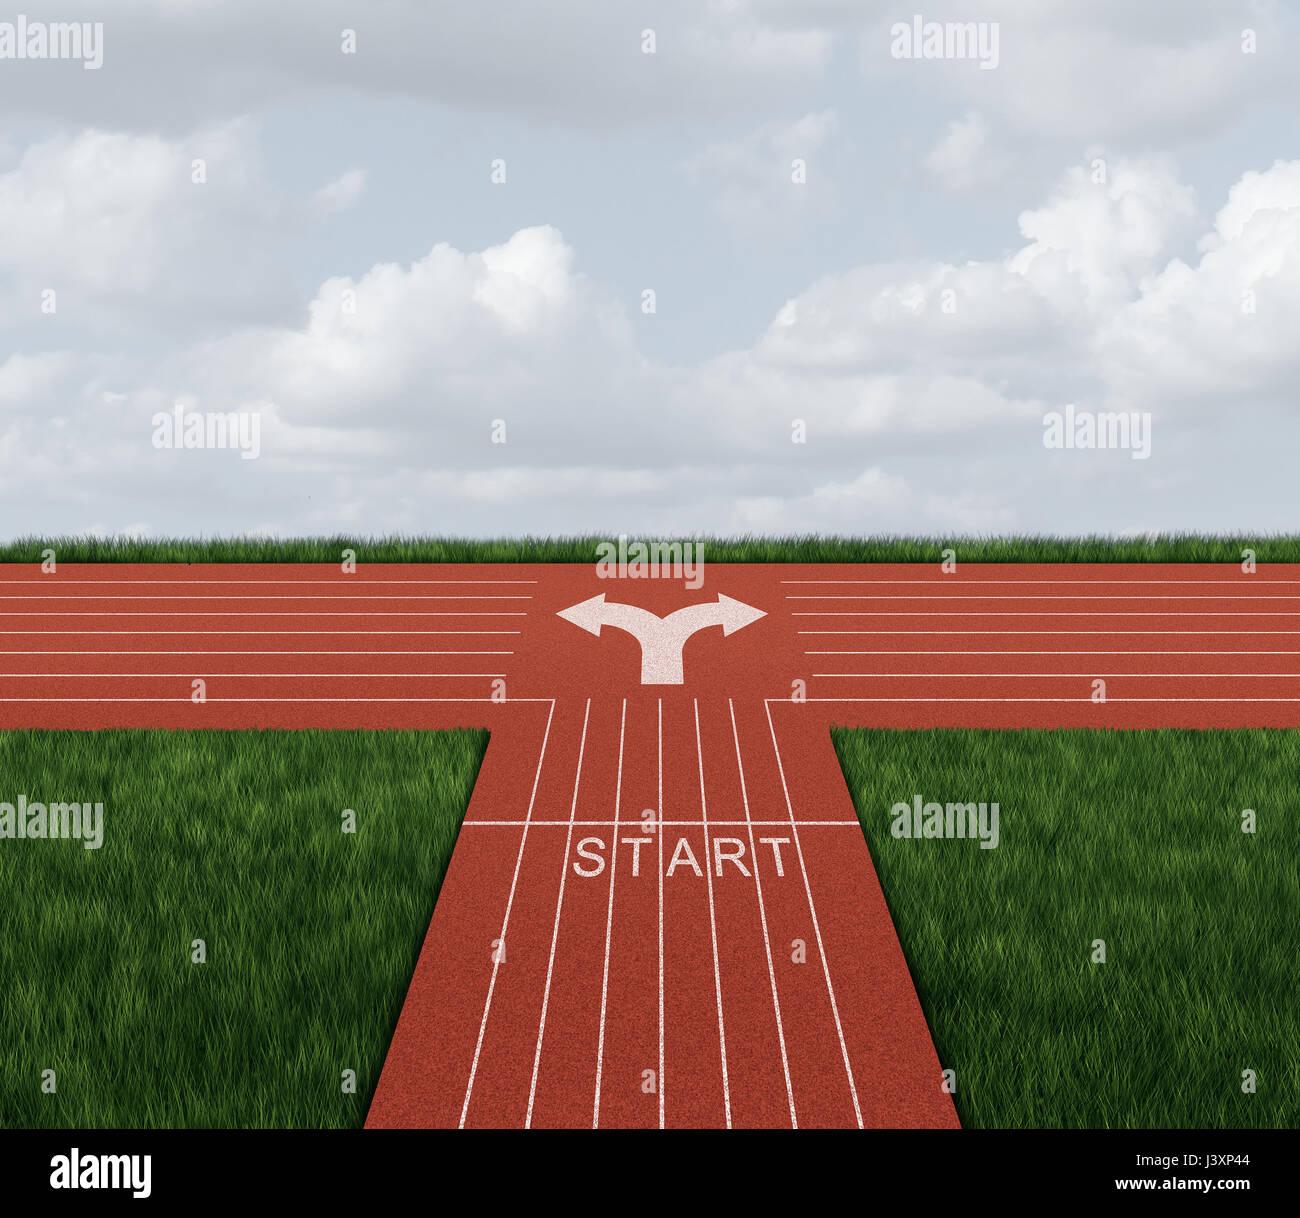 Richtungsentscheidung Rennen als Geschäft Verwirrung Konzept und Karriere Pfad Metapher mit 3D Abbildung Elemente. Stockbild